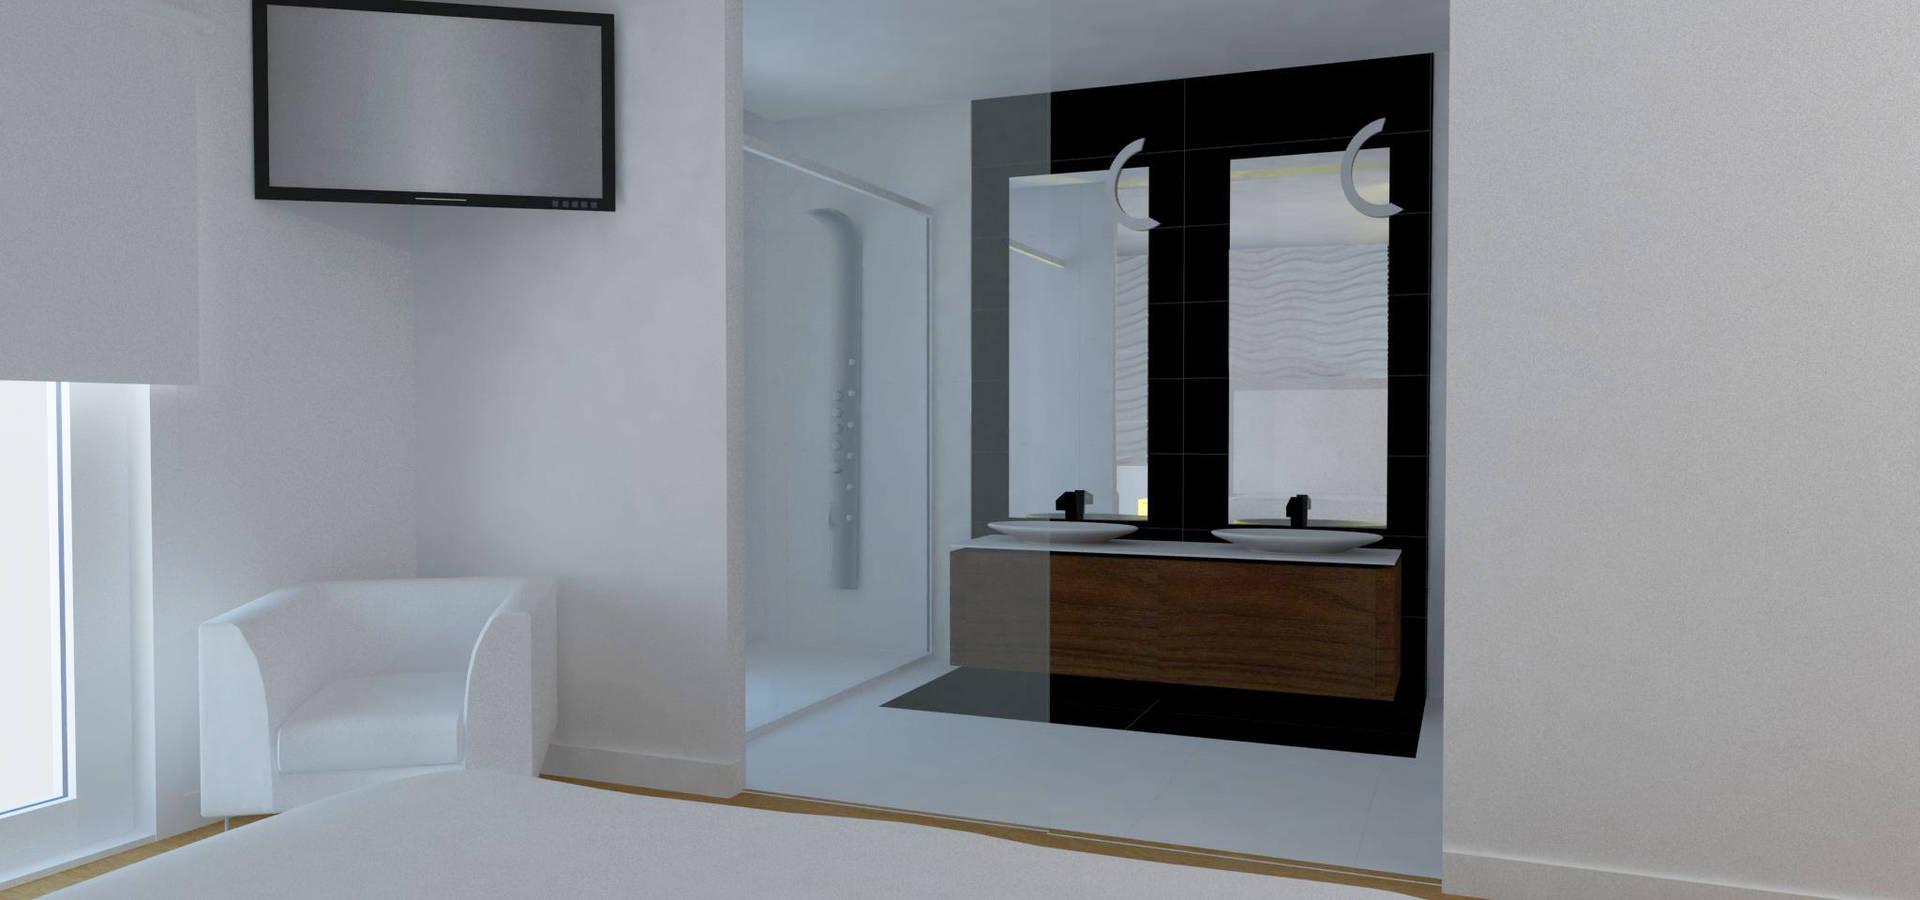 Studio2 Interiorismo